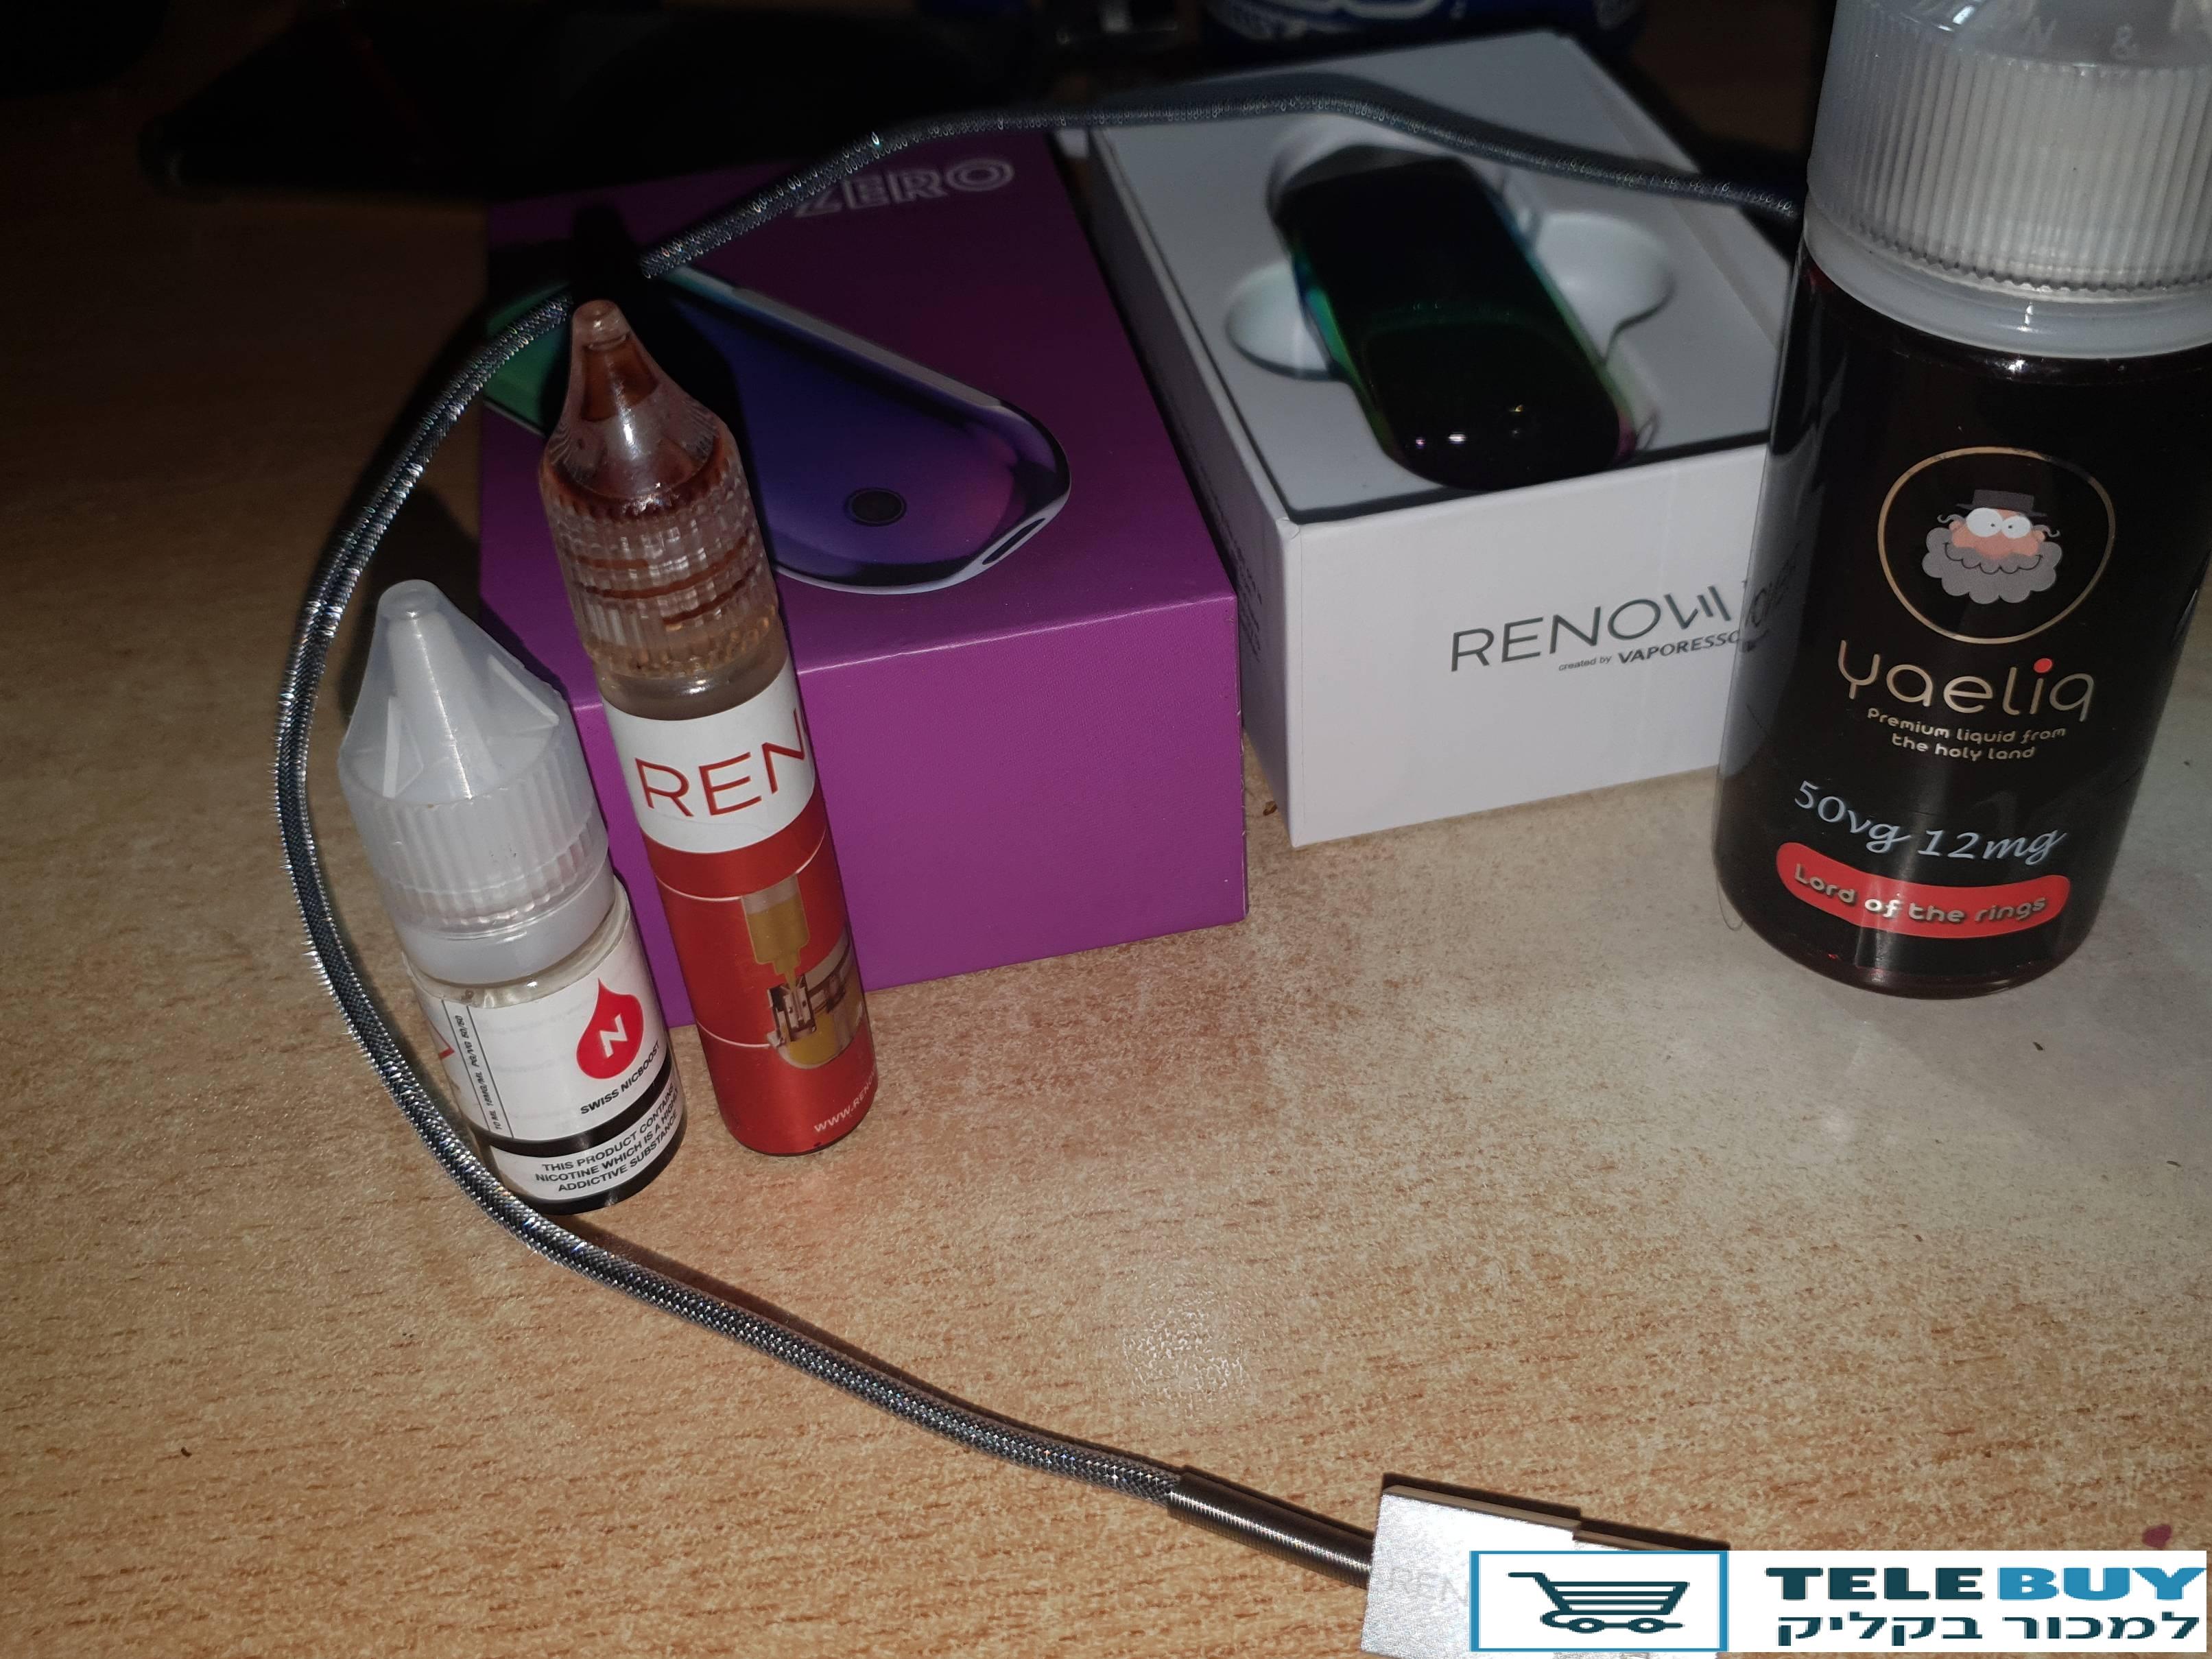 מוצרי טבק ואלכוהול סיגריה אלקטרונית   בקריות